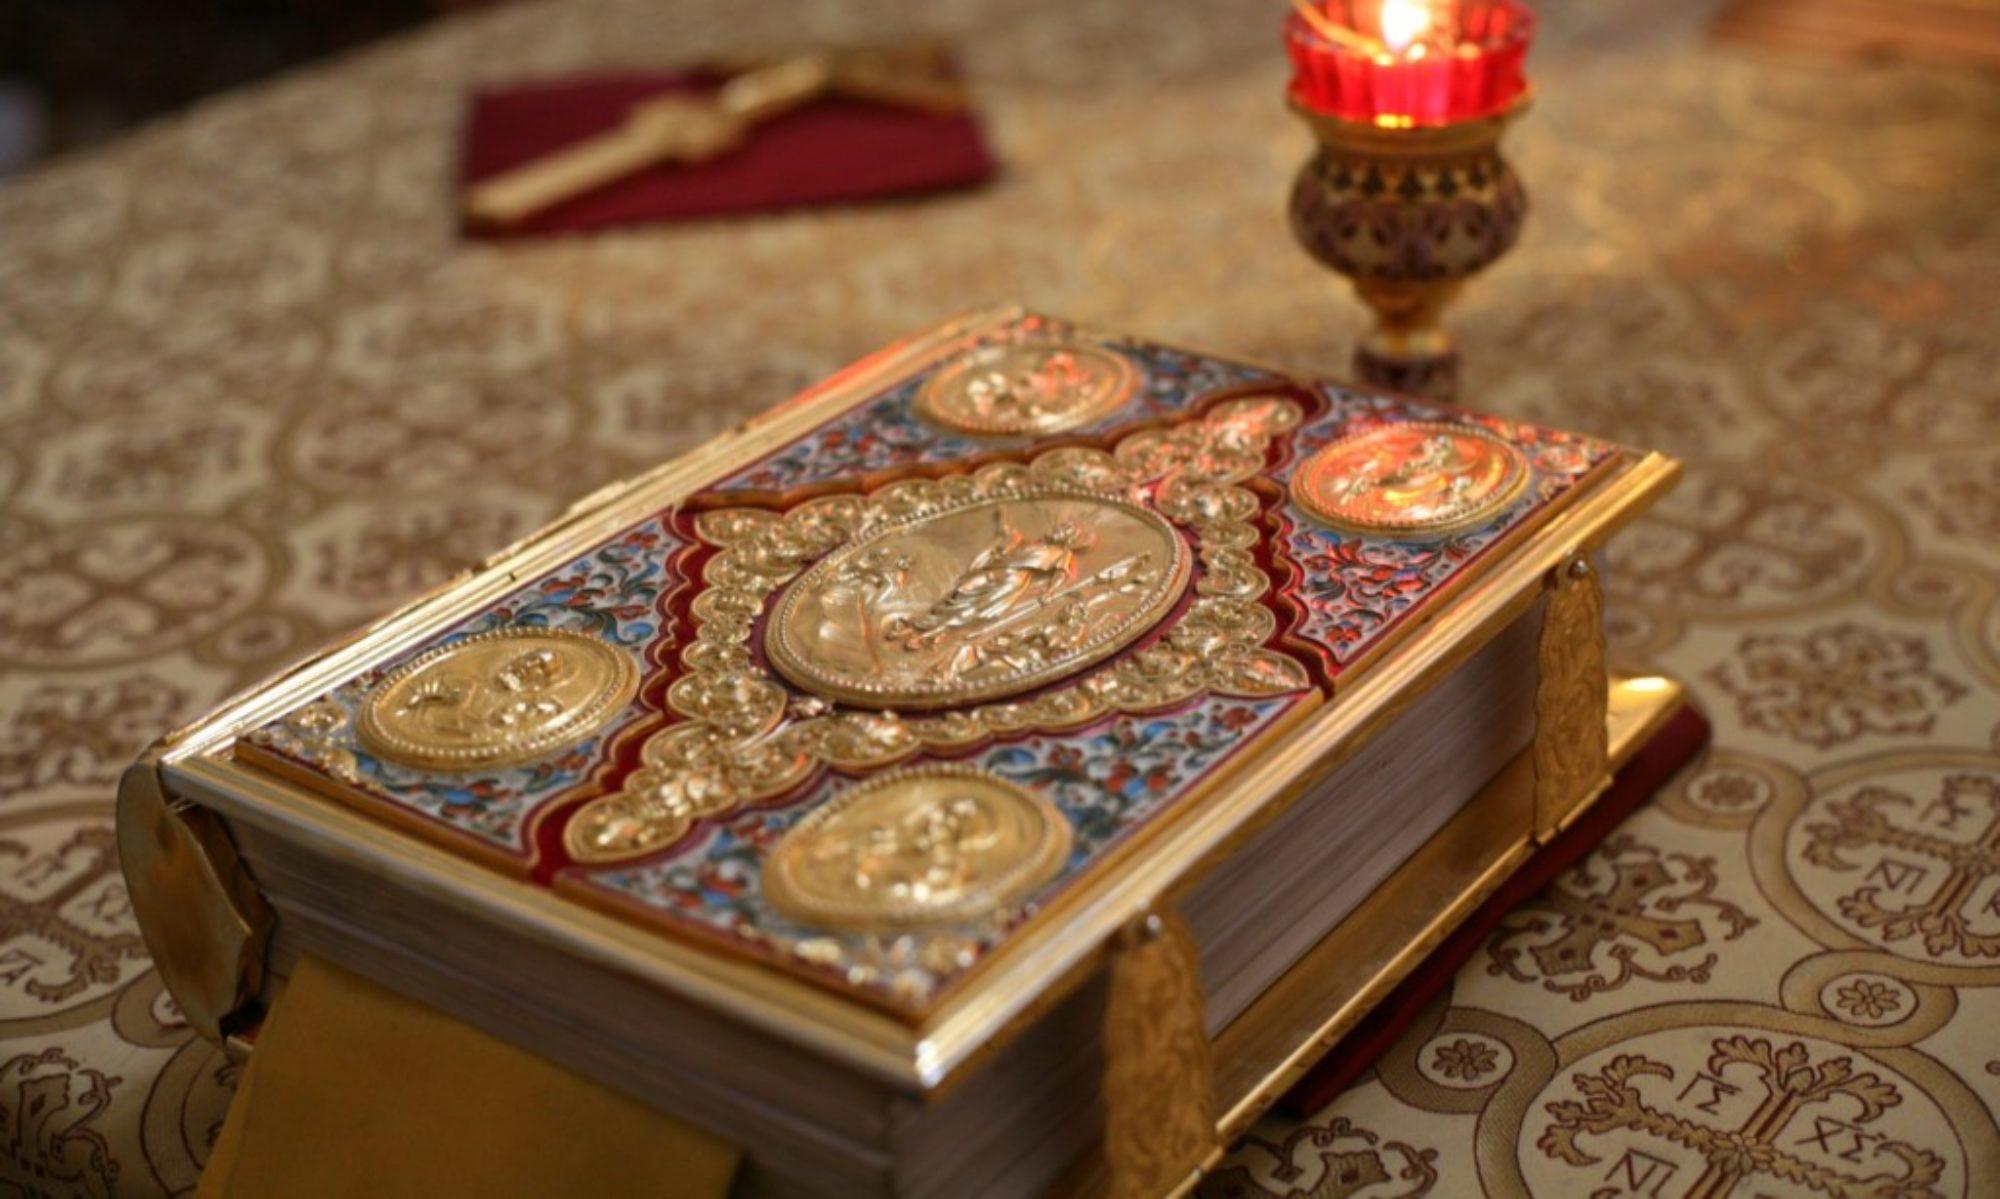 Духовно-просветительский досуговый центр в честь святого благоверного князя Александра Невского в г. Кирове